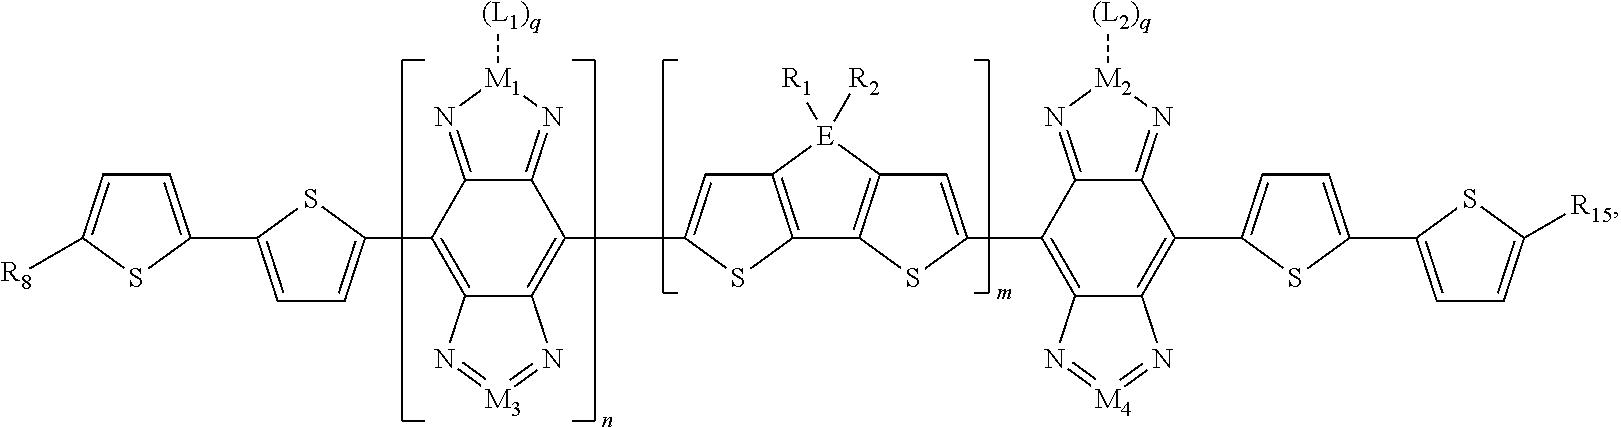 Figure US09543529-20170110-C00008